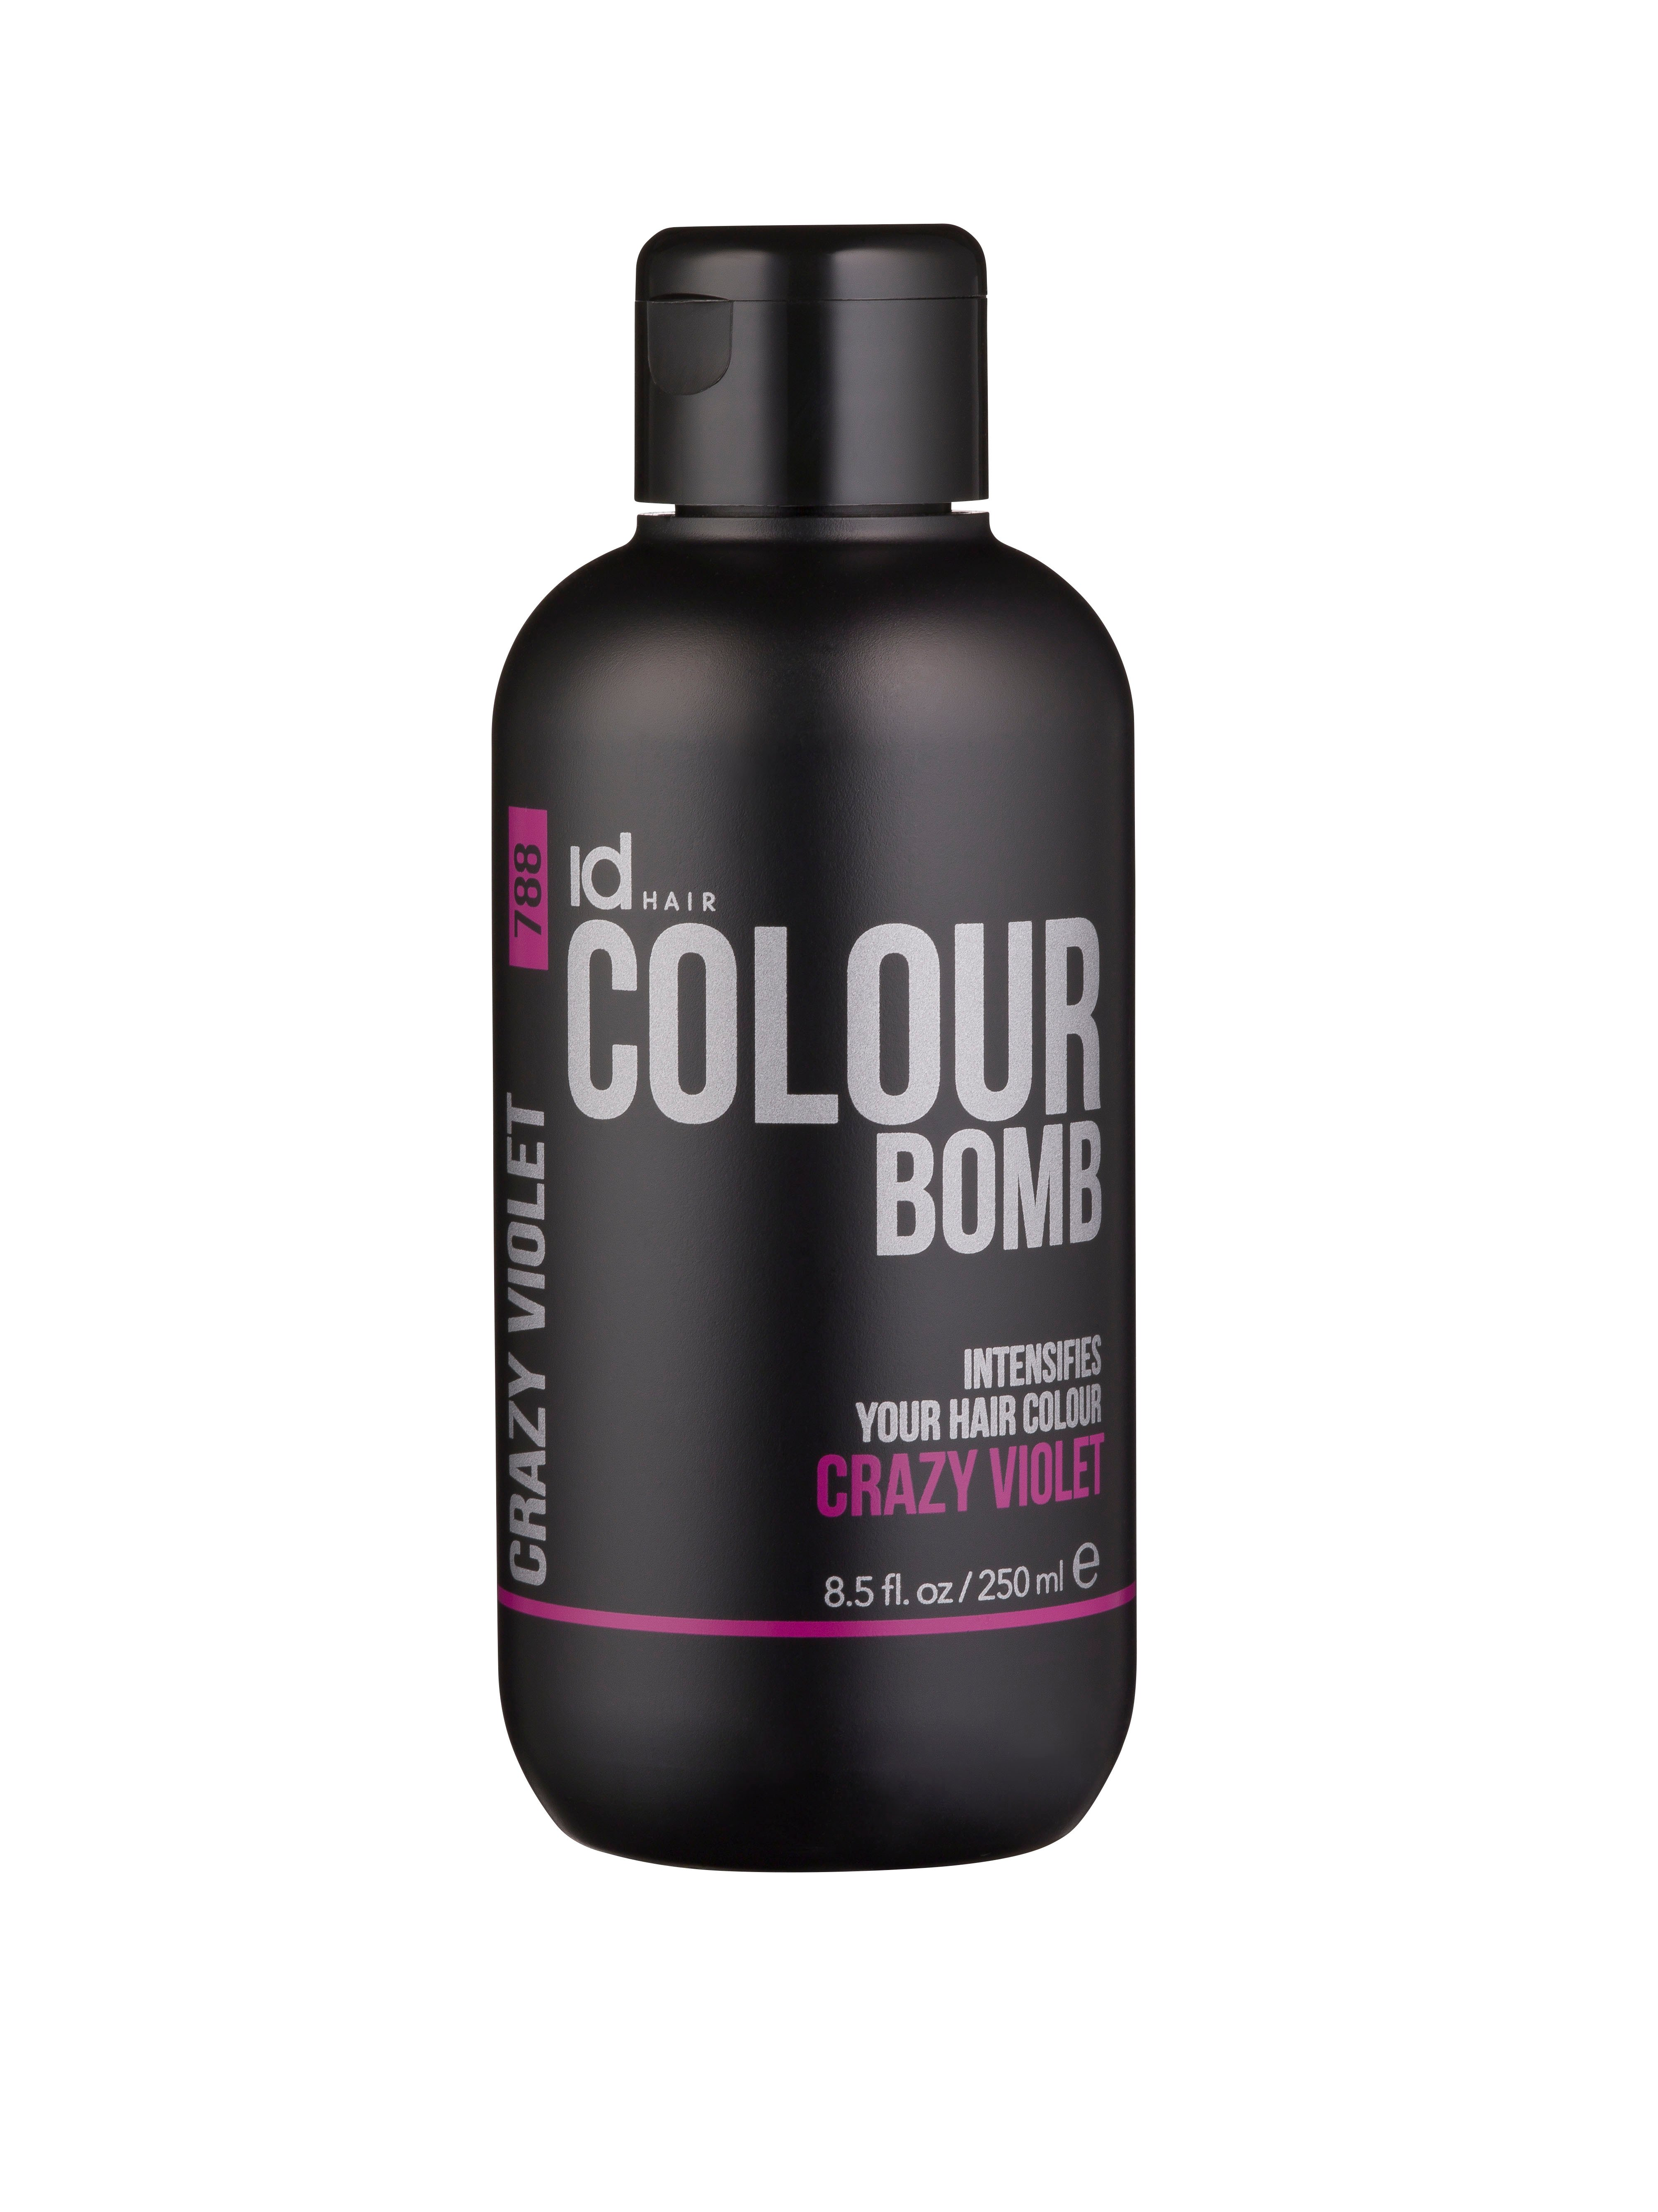 IdHAIR - Colour Bomb 250 ml - Crazy Violet